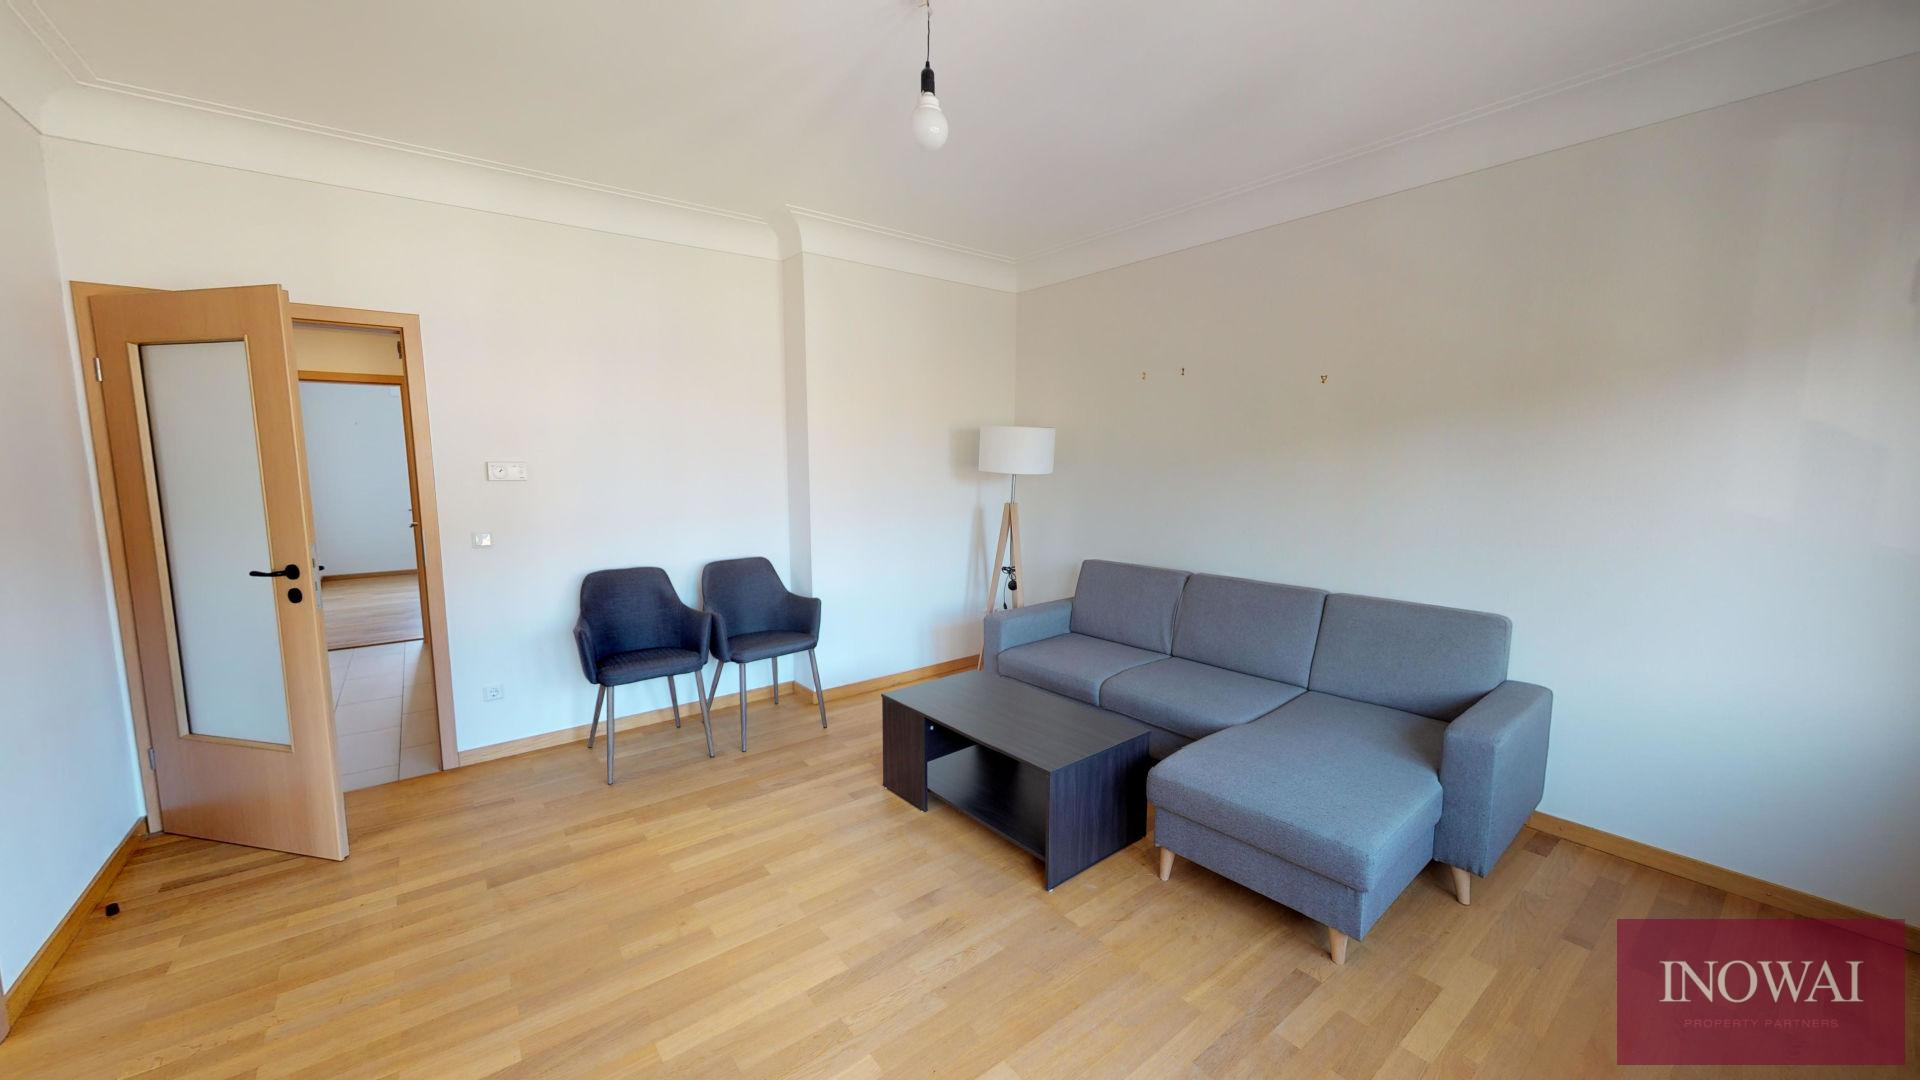 Appartement meublé 2 chambres - Courte durée